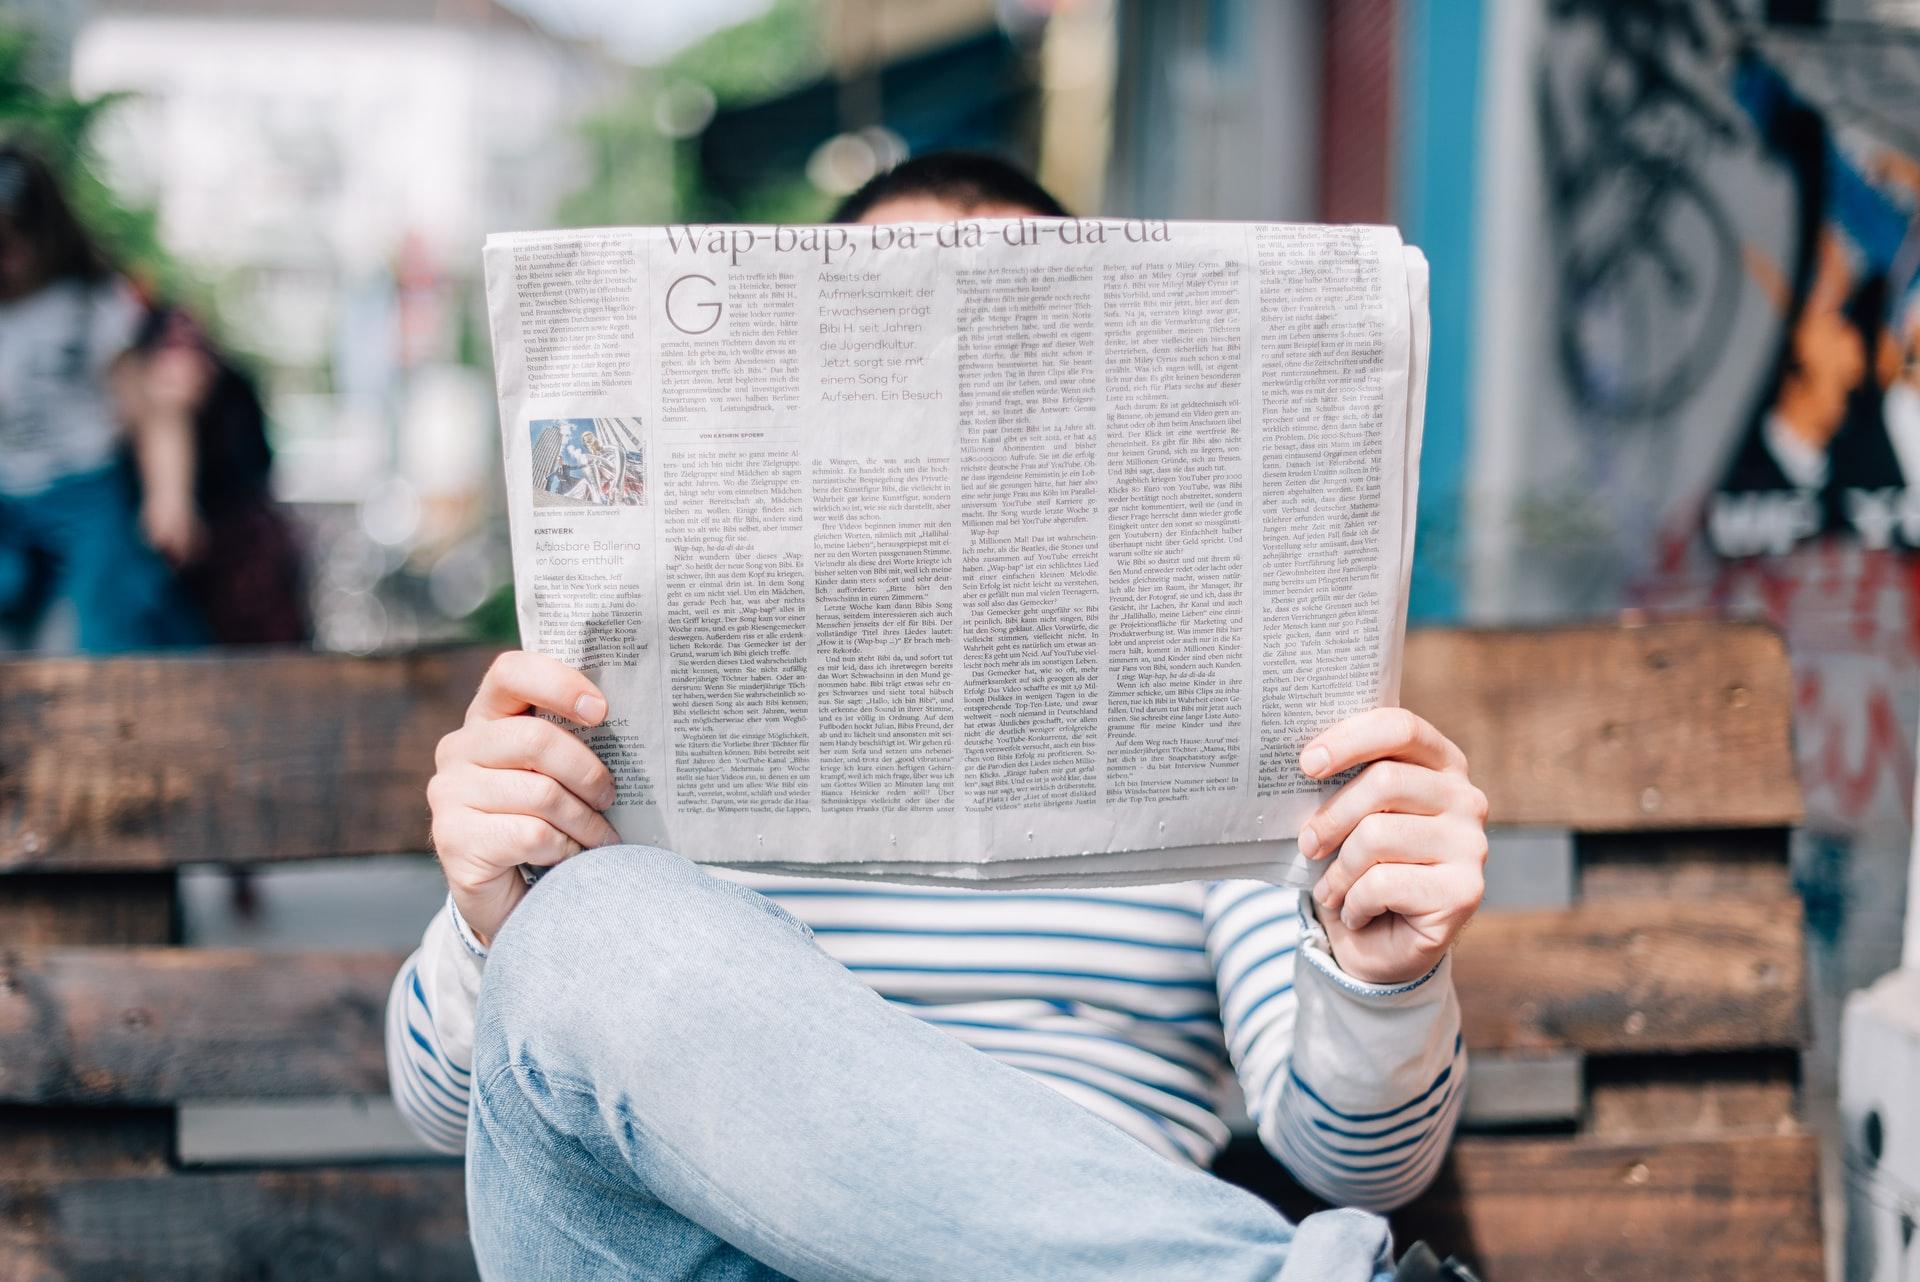 Nachhaltigkeit gewinnt in den Medien an Präsenz